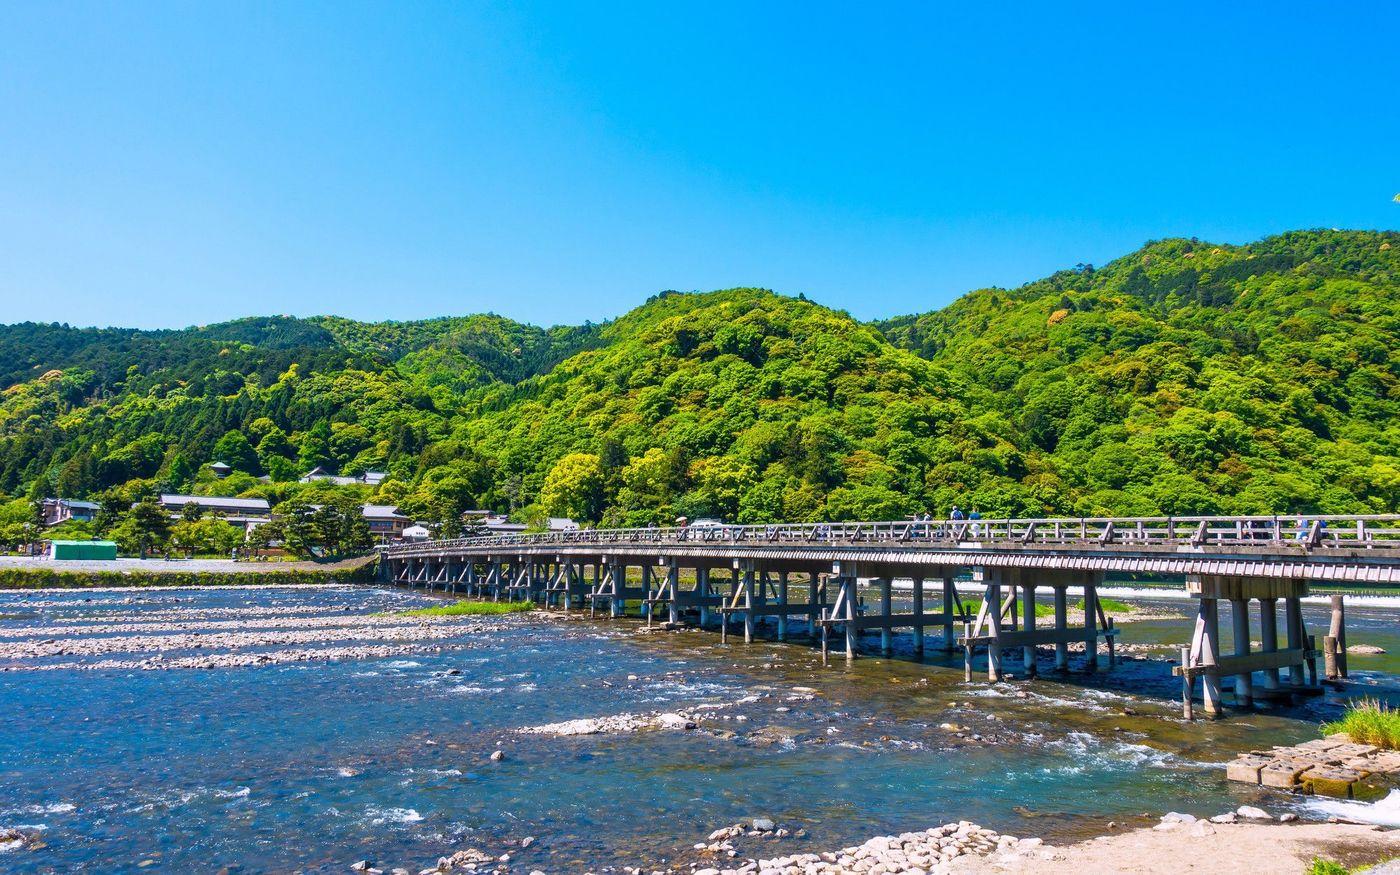 【最新版】京都のデートならココ!エリア別おすすめプランをご紹介♡の画像